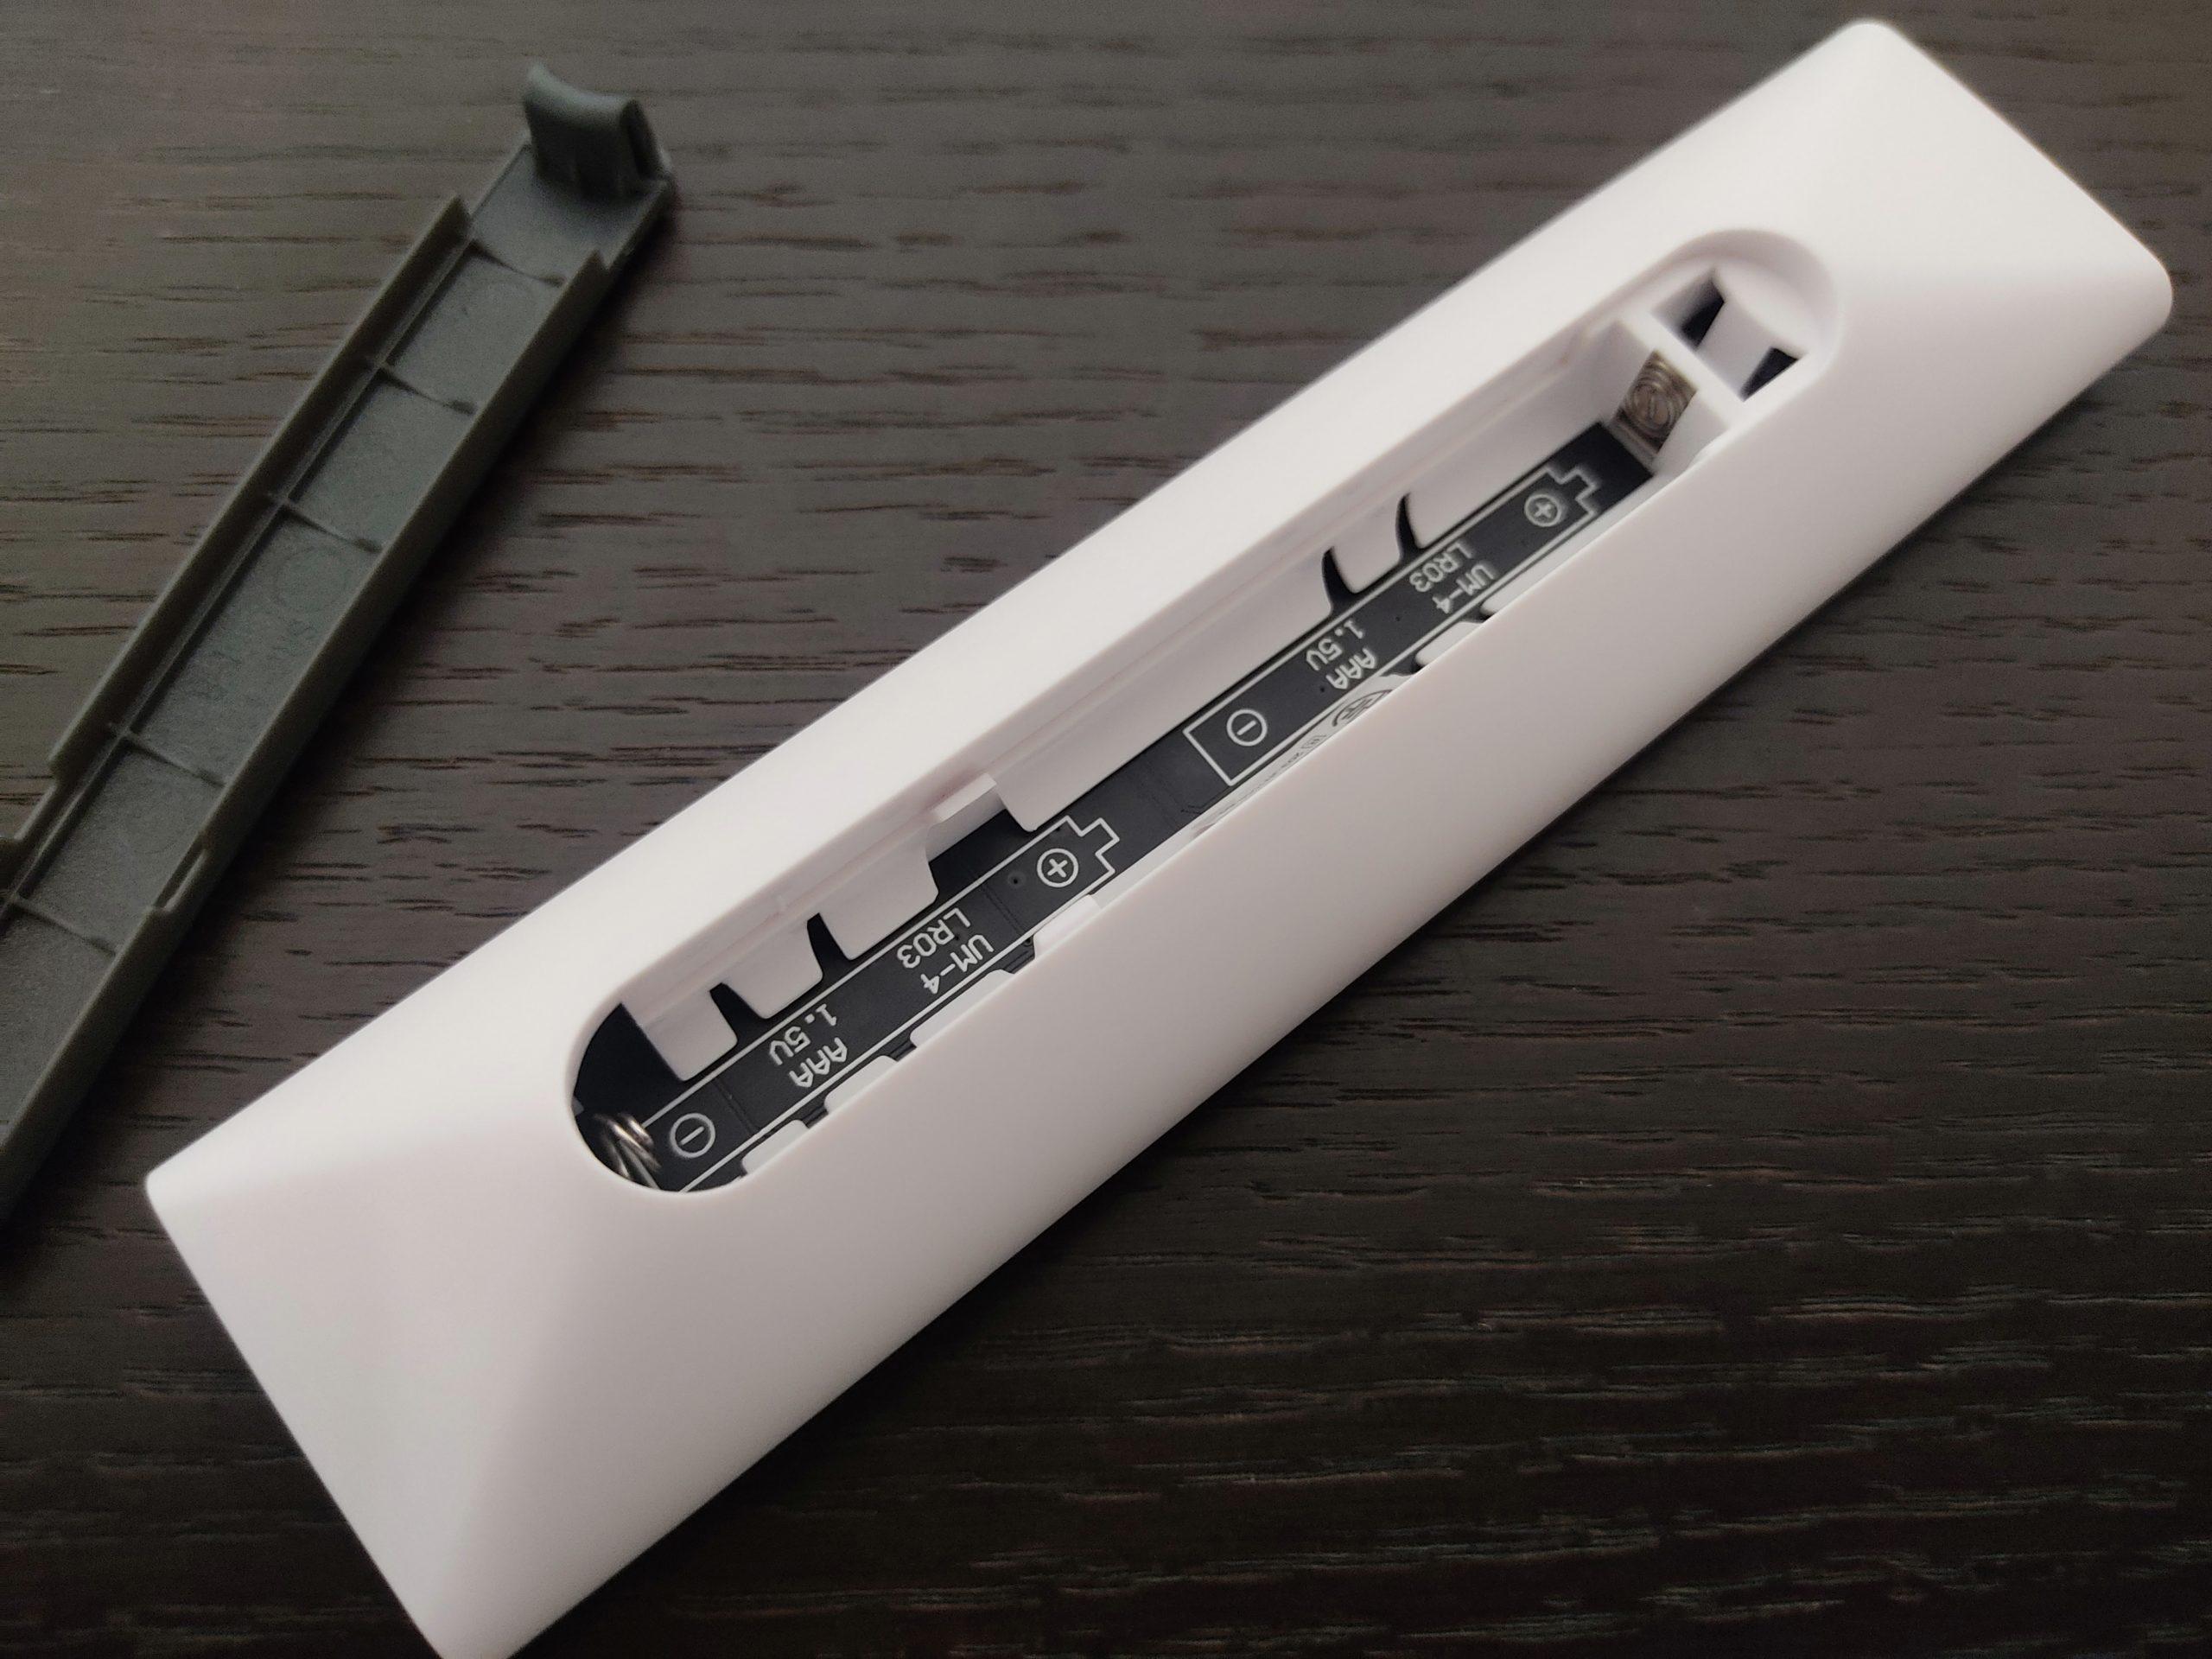 「XGIMI MoGo Pro+」のリモコンの電池ボックス